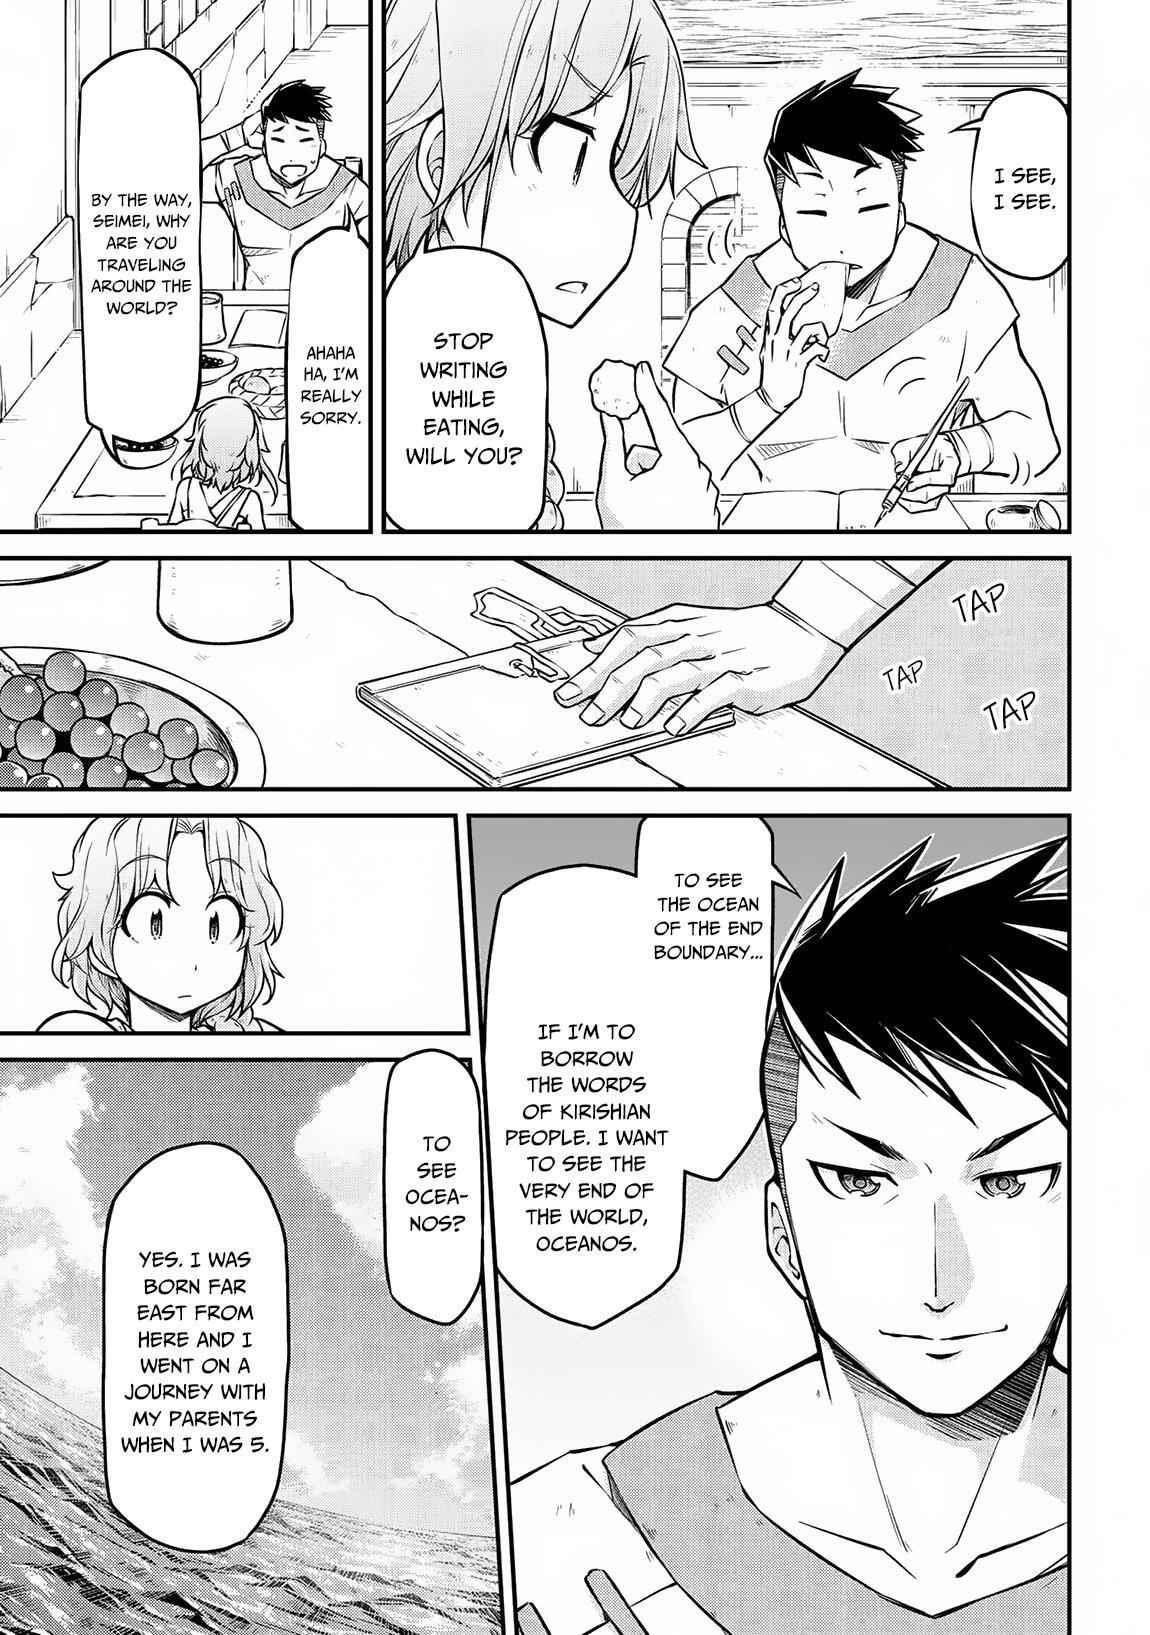 Isekai Kenkokuki - chapter 29.2-eng-li